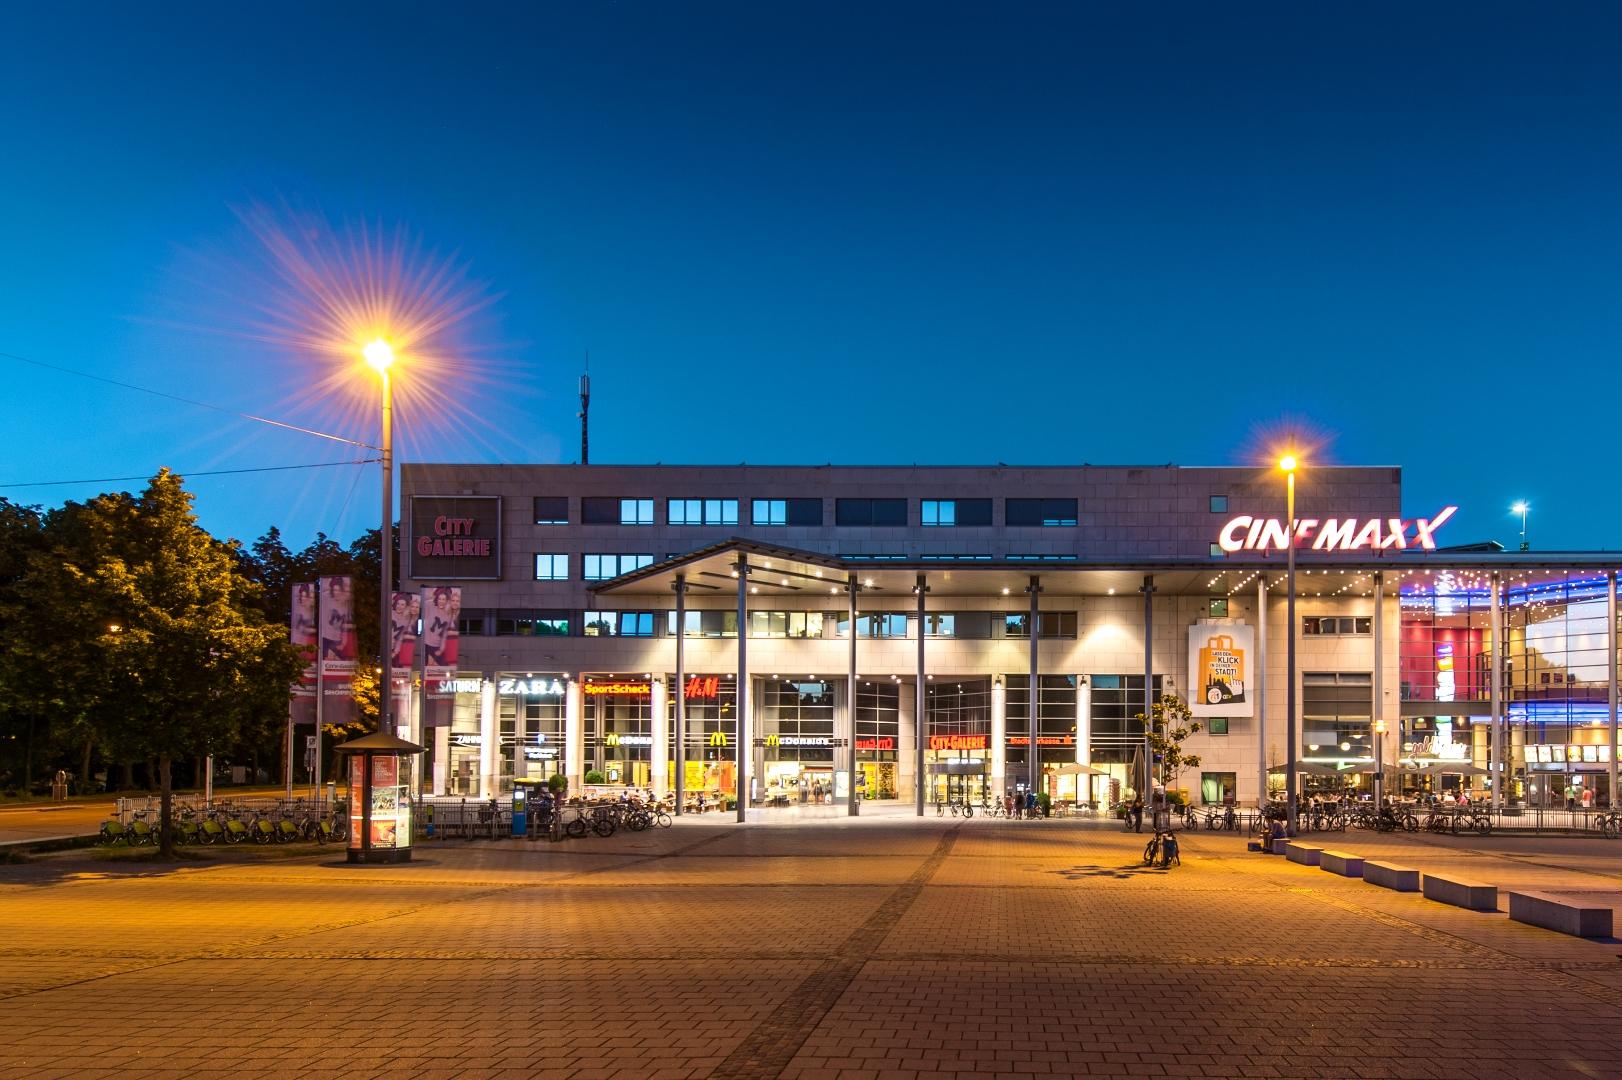 City Galerie Augsburg Einkaufszentren Und Kaufhauser In Augsburg Adresse Offnungszeiten Bewertungen Tel 0821567 Infobel